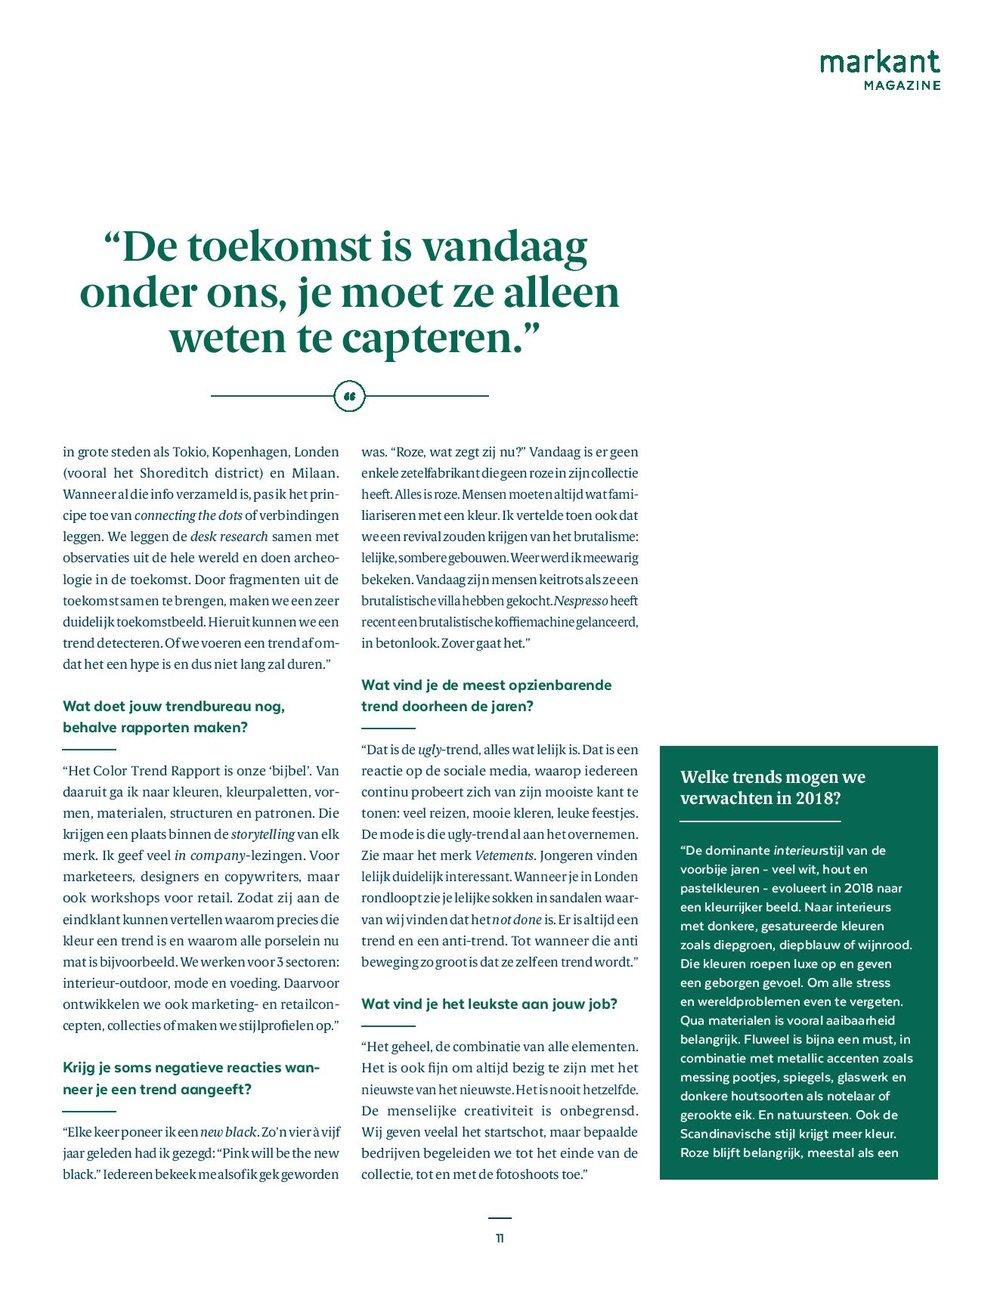 markant_December-Hilde Francq-page-005.jpg